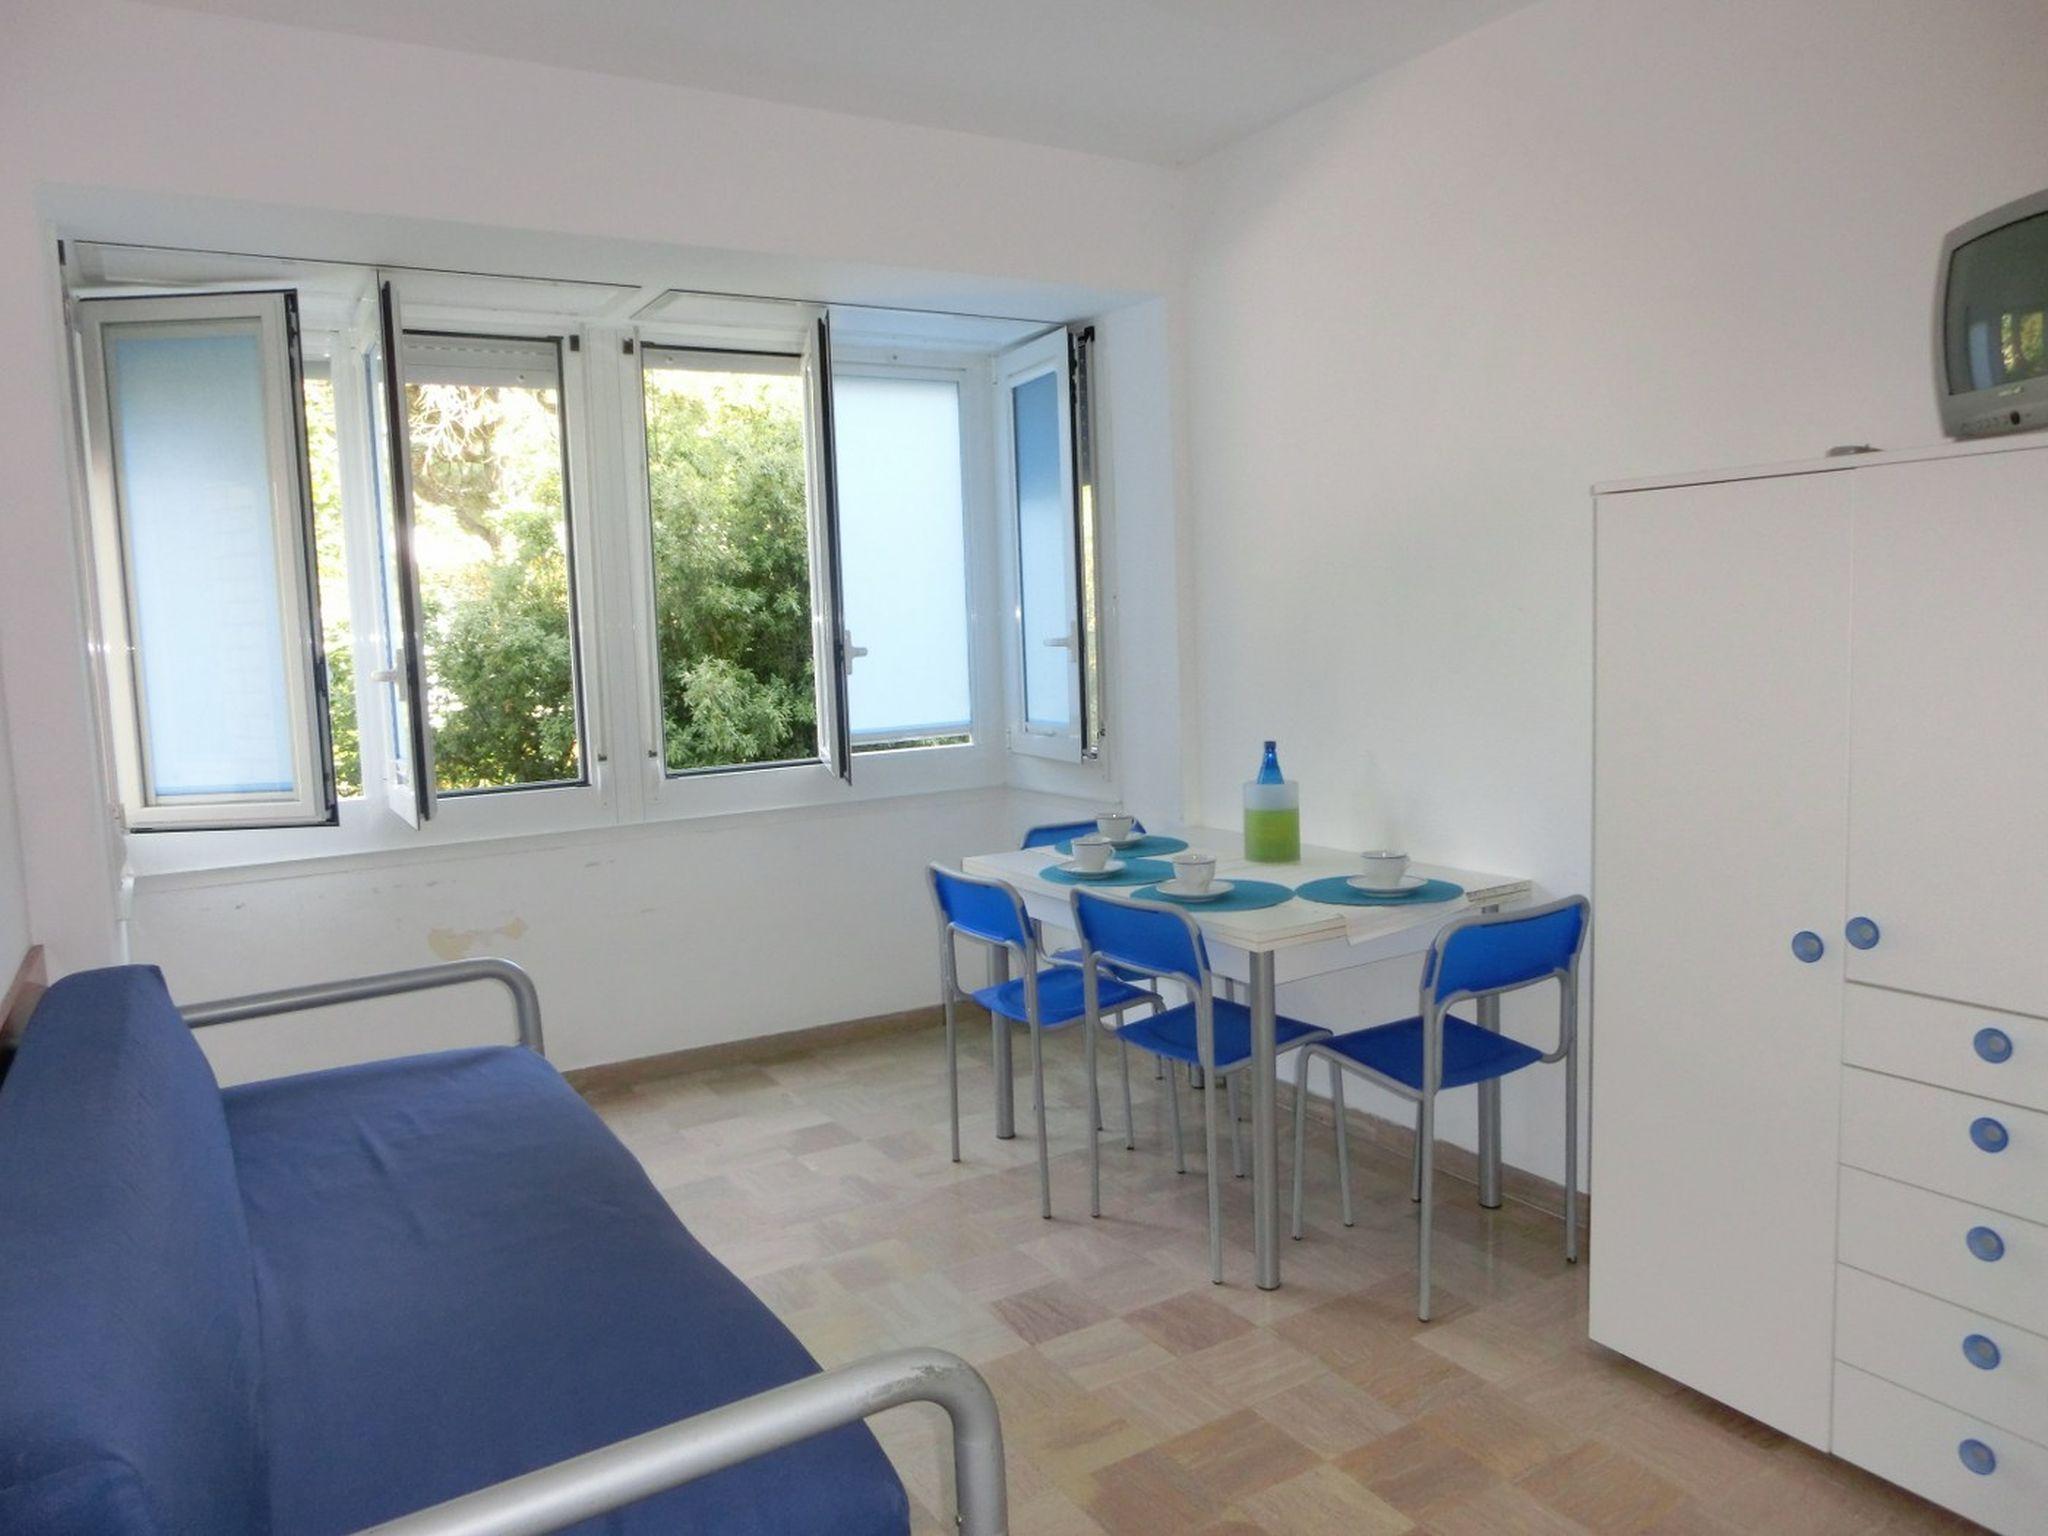 Ferienwohnung Residenz Pineda - Wohnung Tipo B1 AGMC (2989) (2807105), Bibione, Adriaküste (Venetien), Venetien, Italien, Bild 3